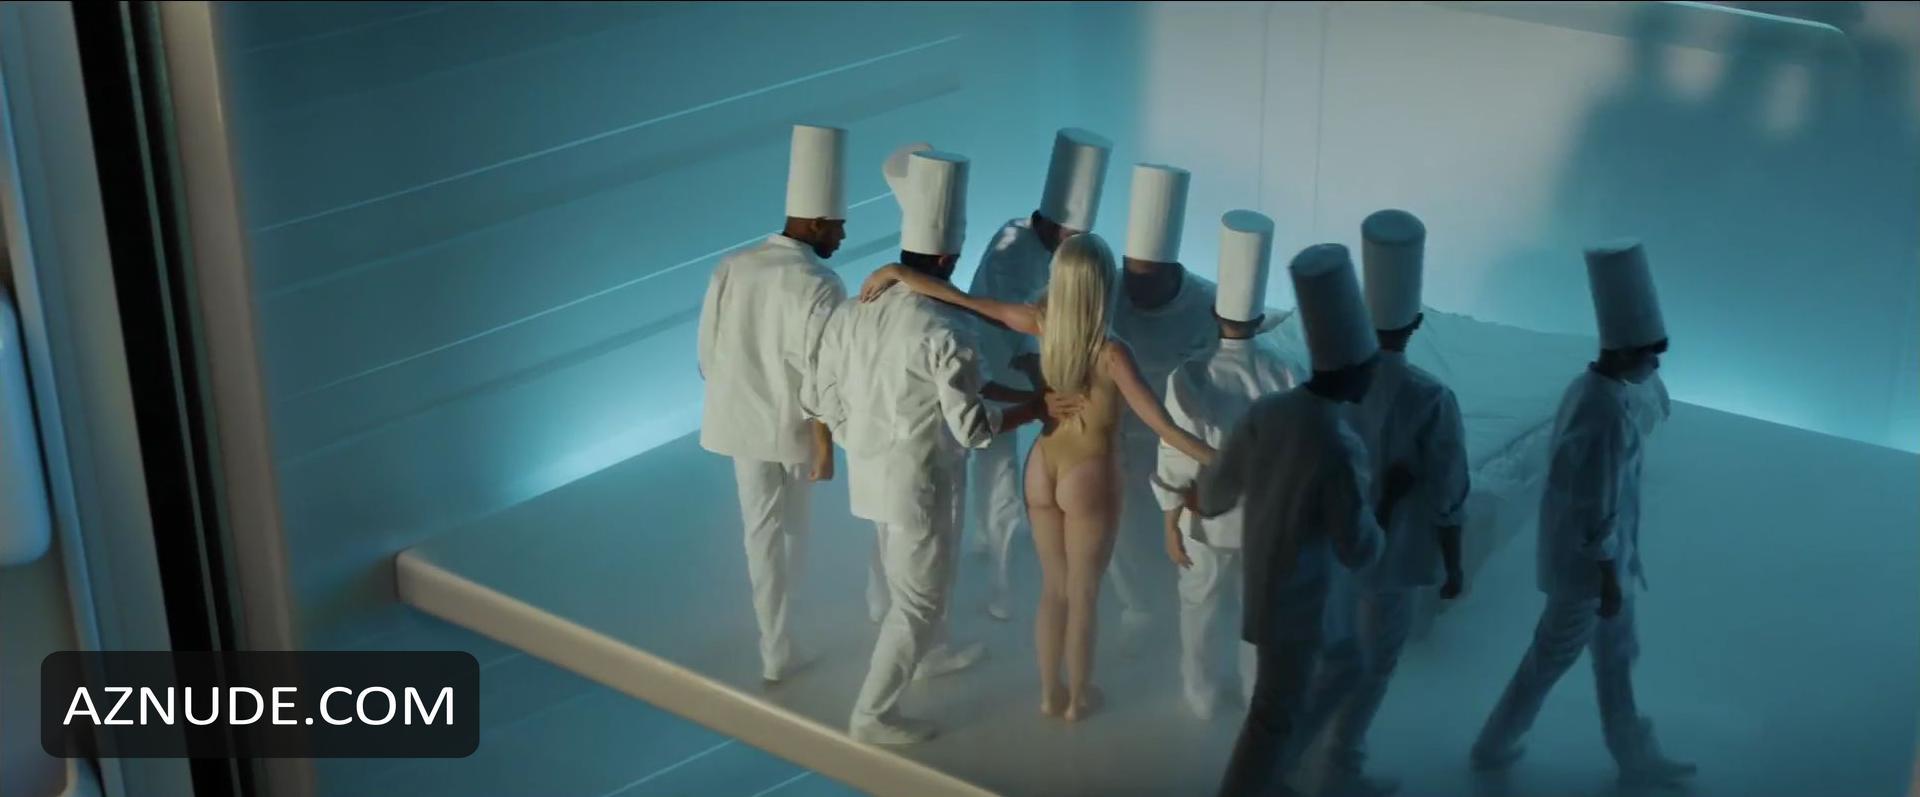 Bon Appetit Nude Scenes - Aznude-9896